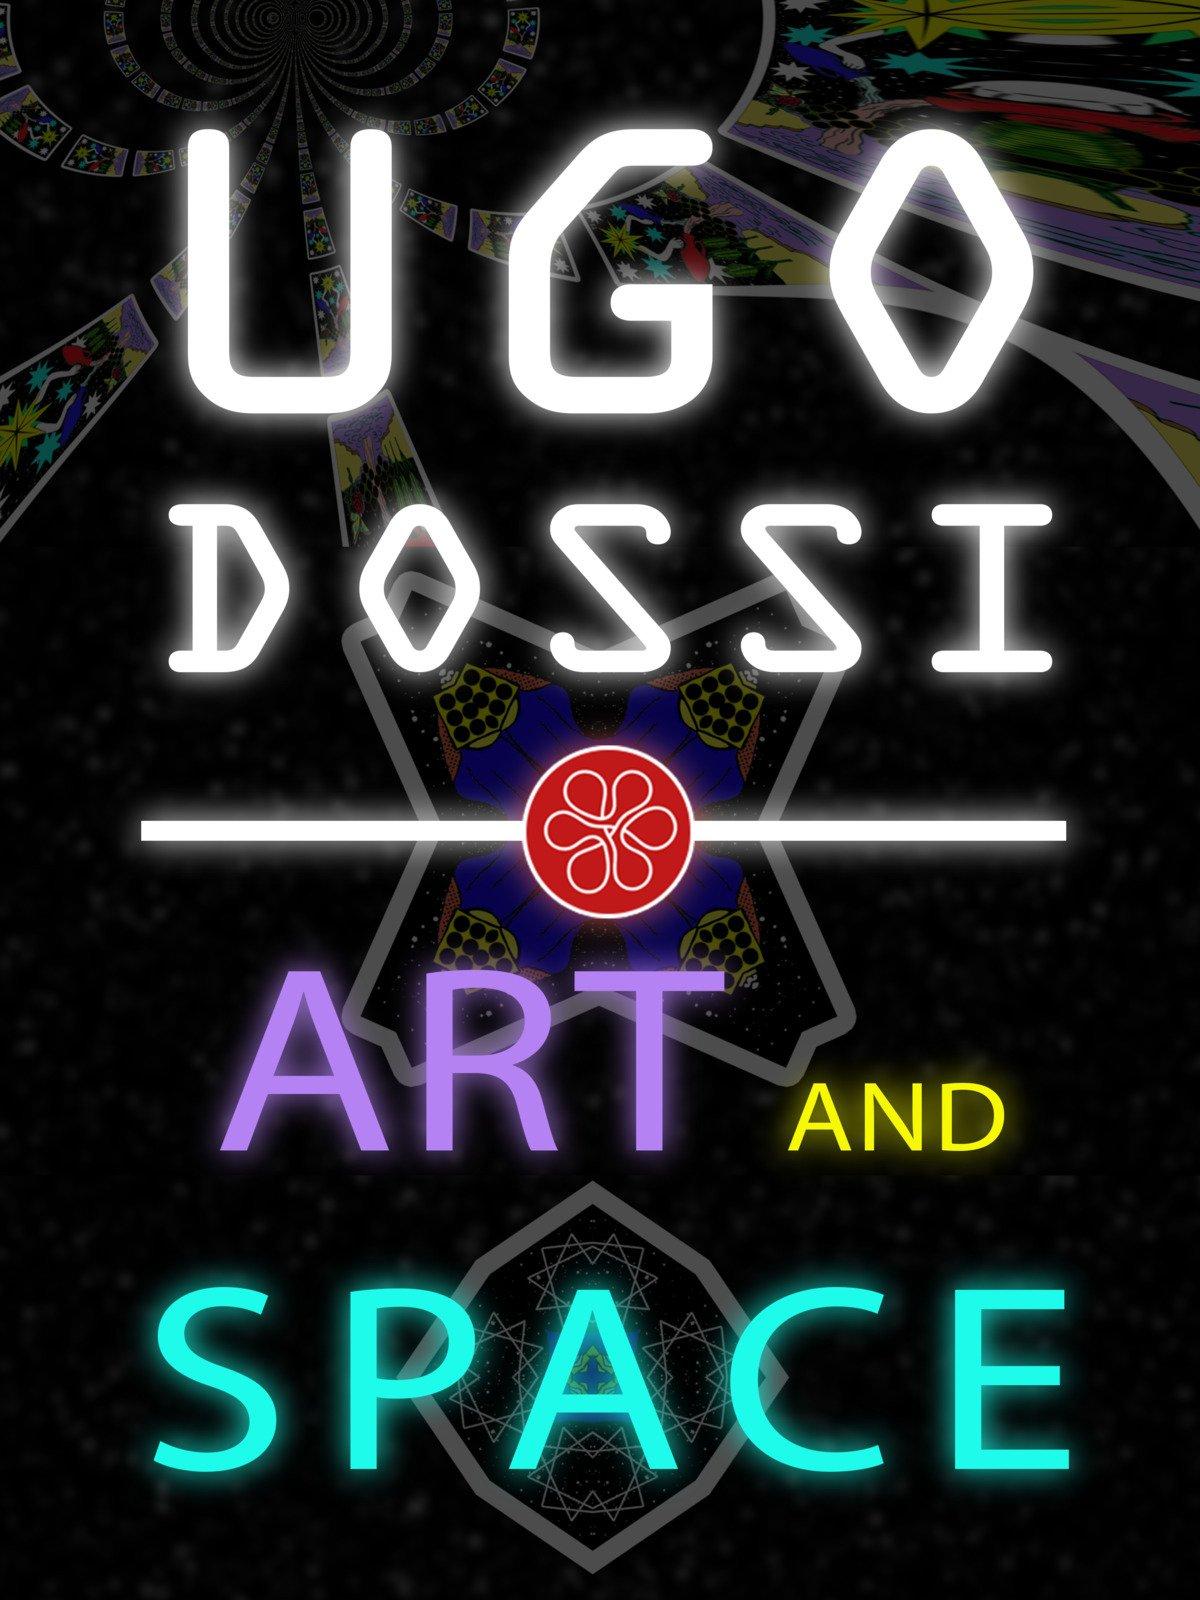 Ugo Dossi